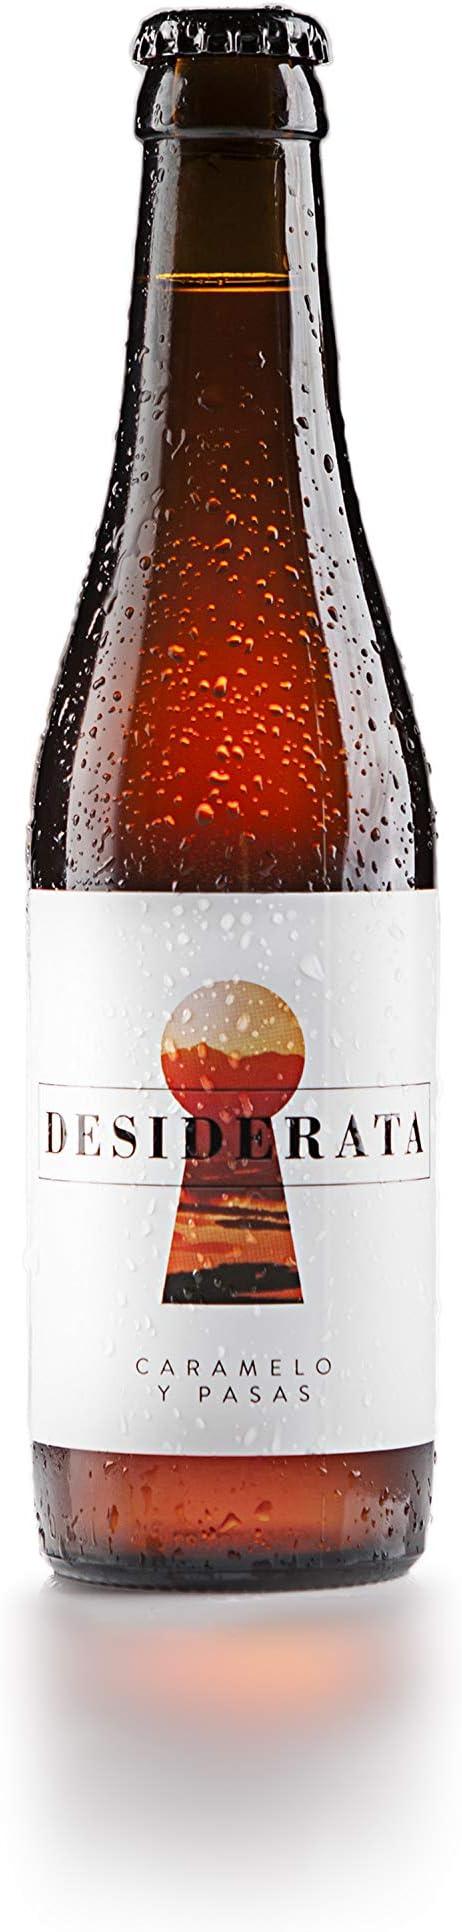 Desiderata - American Amber Ale - Cerveza artesana 100% natural sevillana, sin aditivos, colorantes ni conservantes. Refermentada en botella - Sabor amargo y aroma cítrico - 1 ud